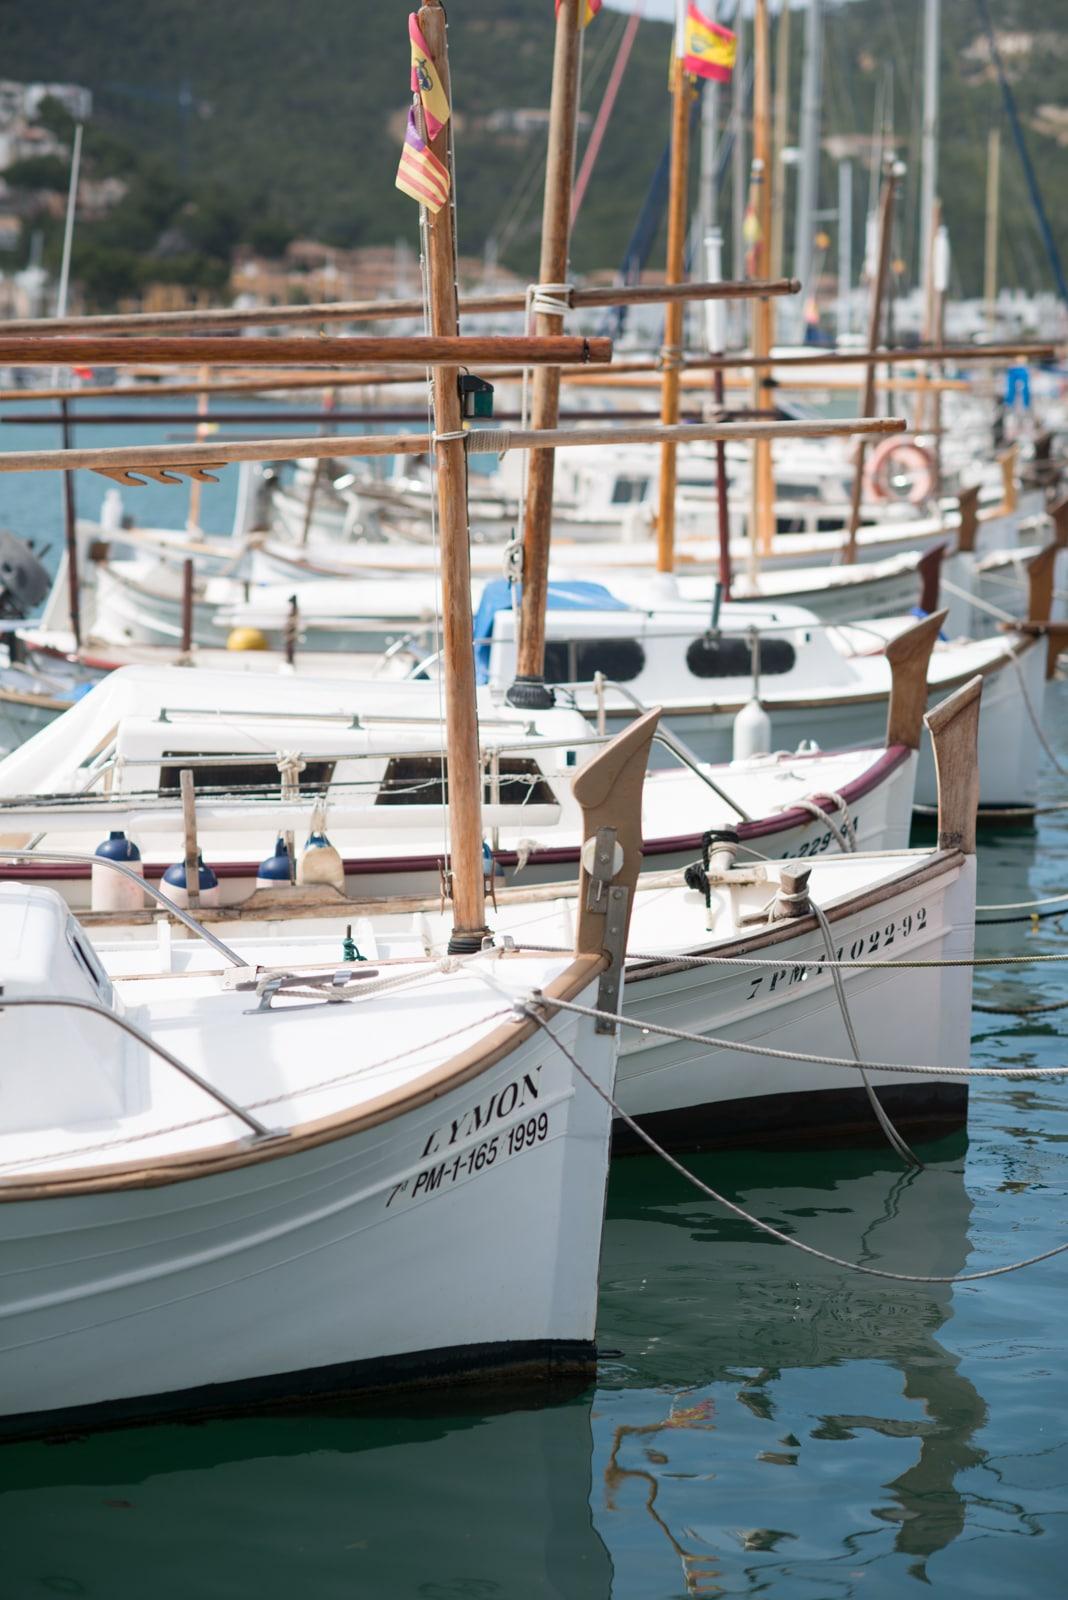 20140403 8343 - Port d'Andratx